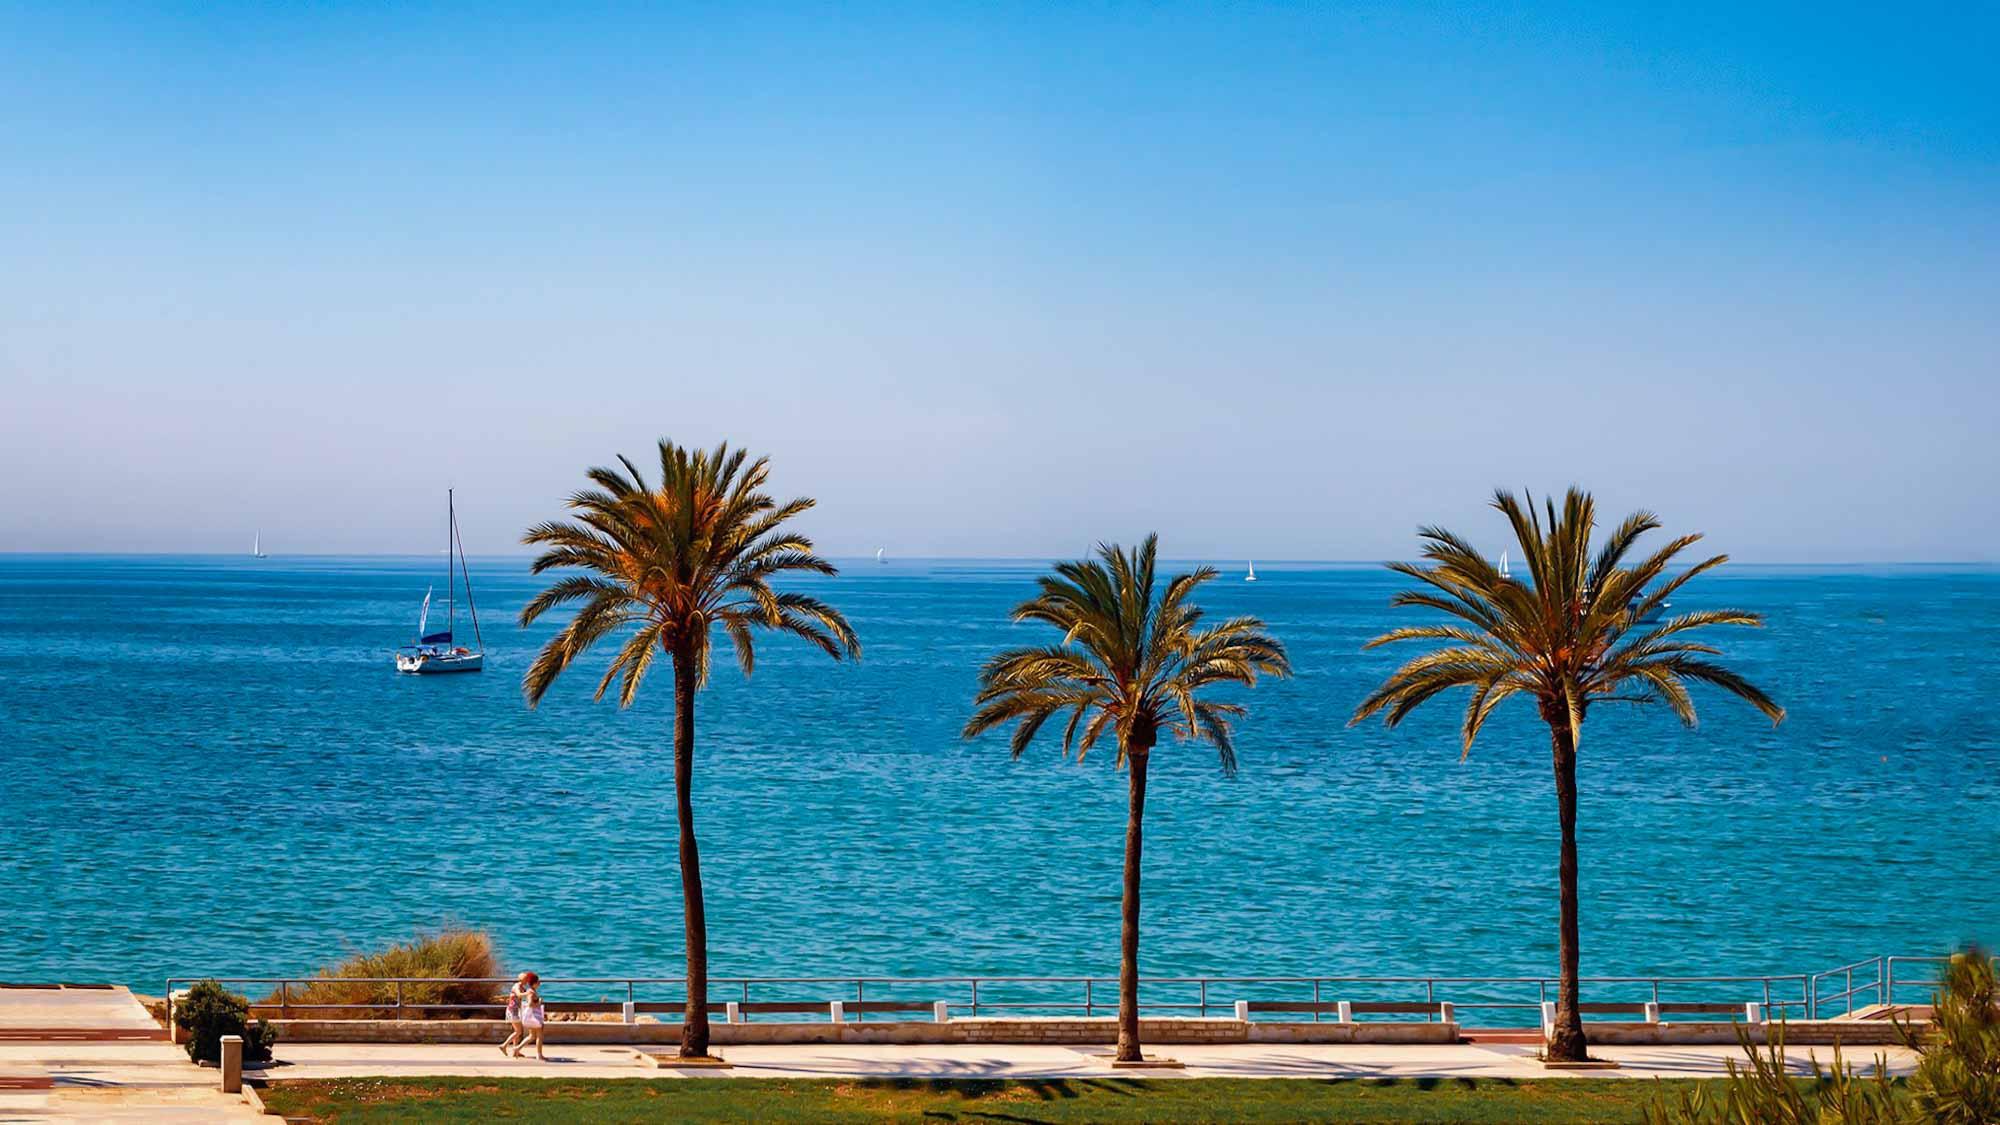 Strandpromenade in Palma